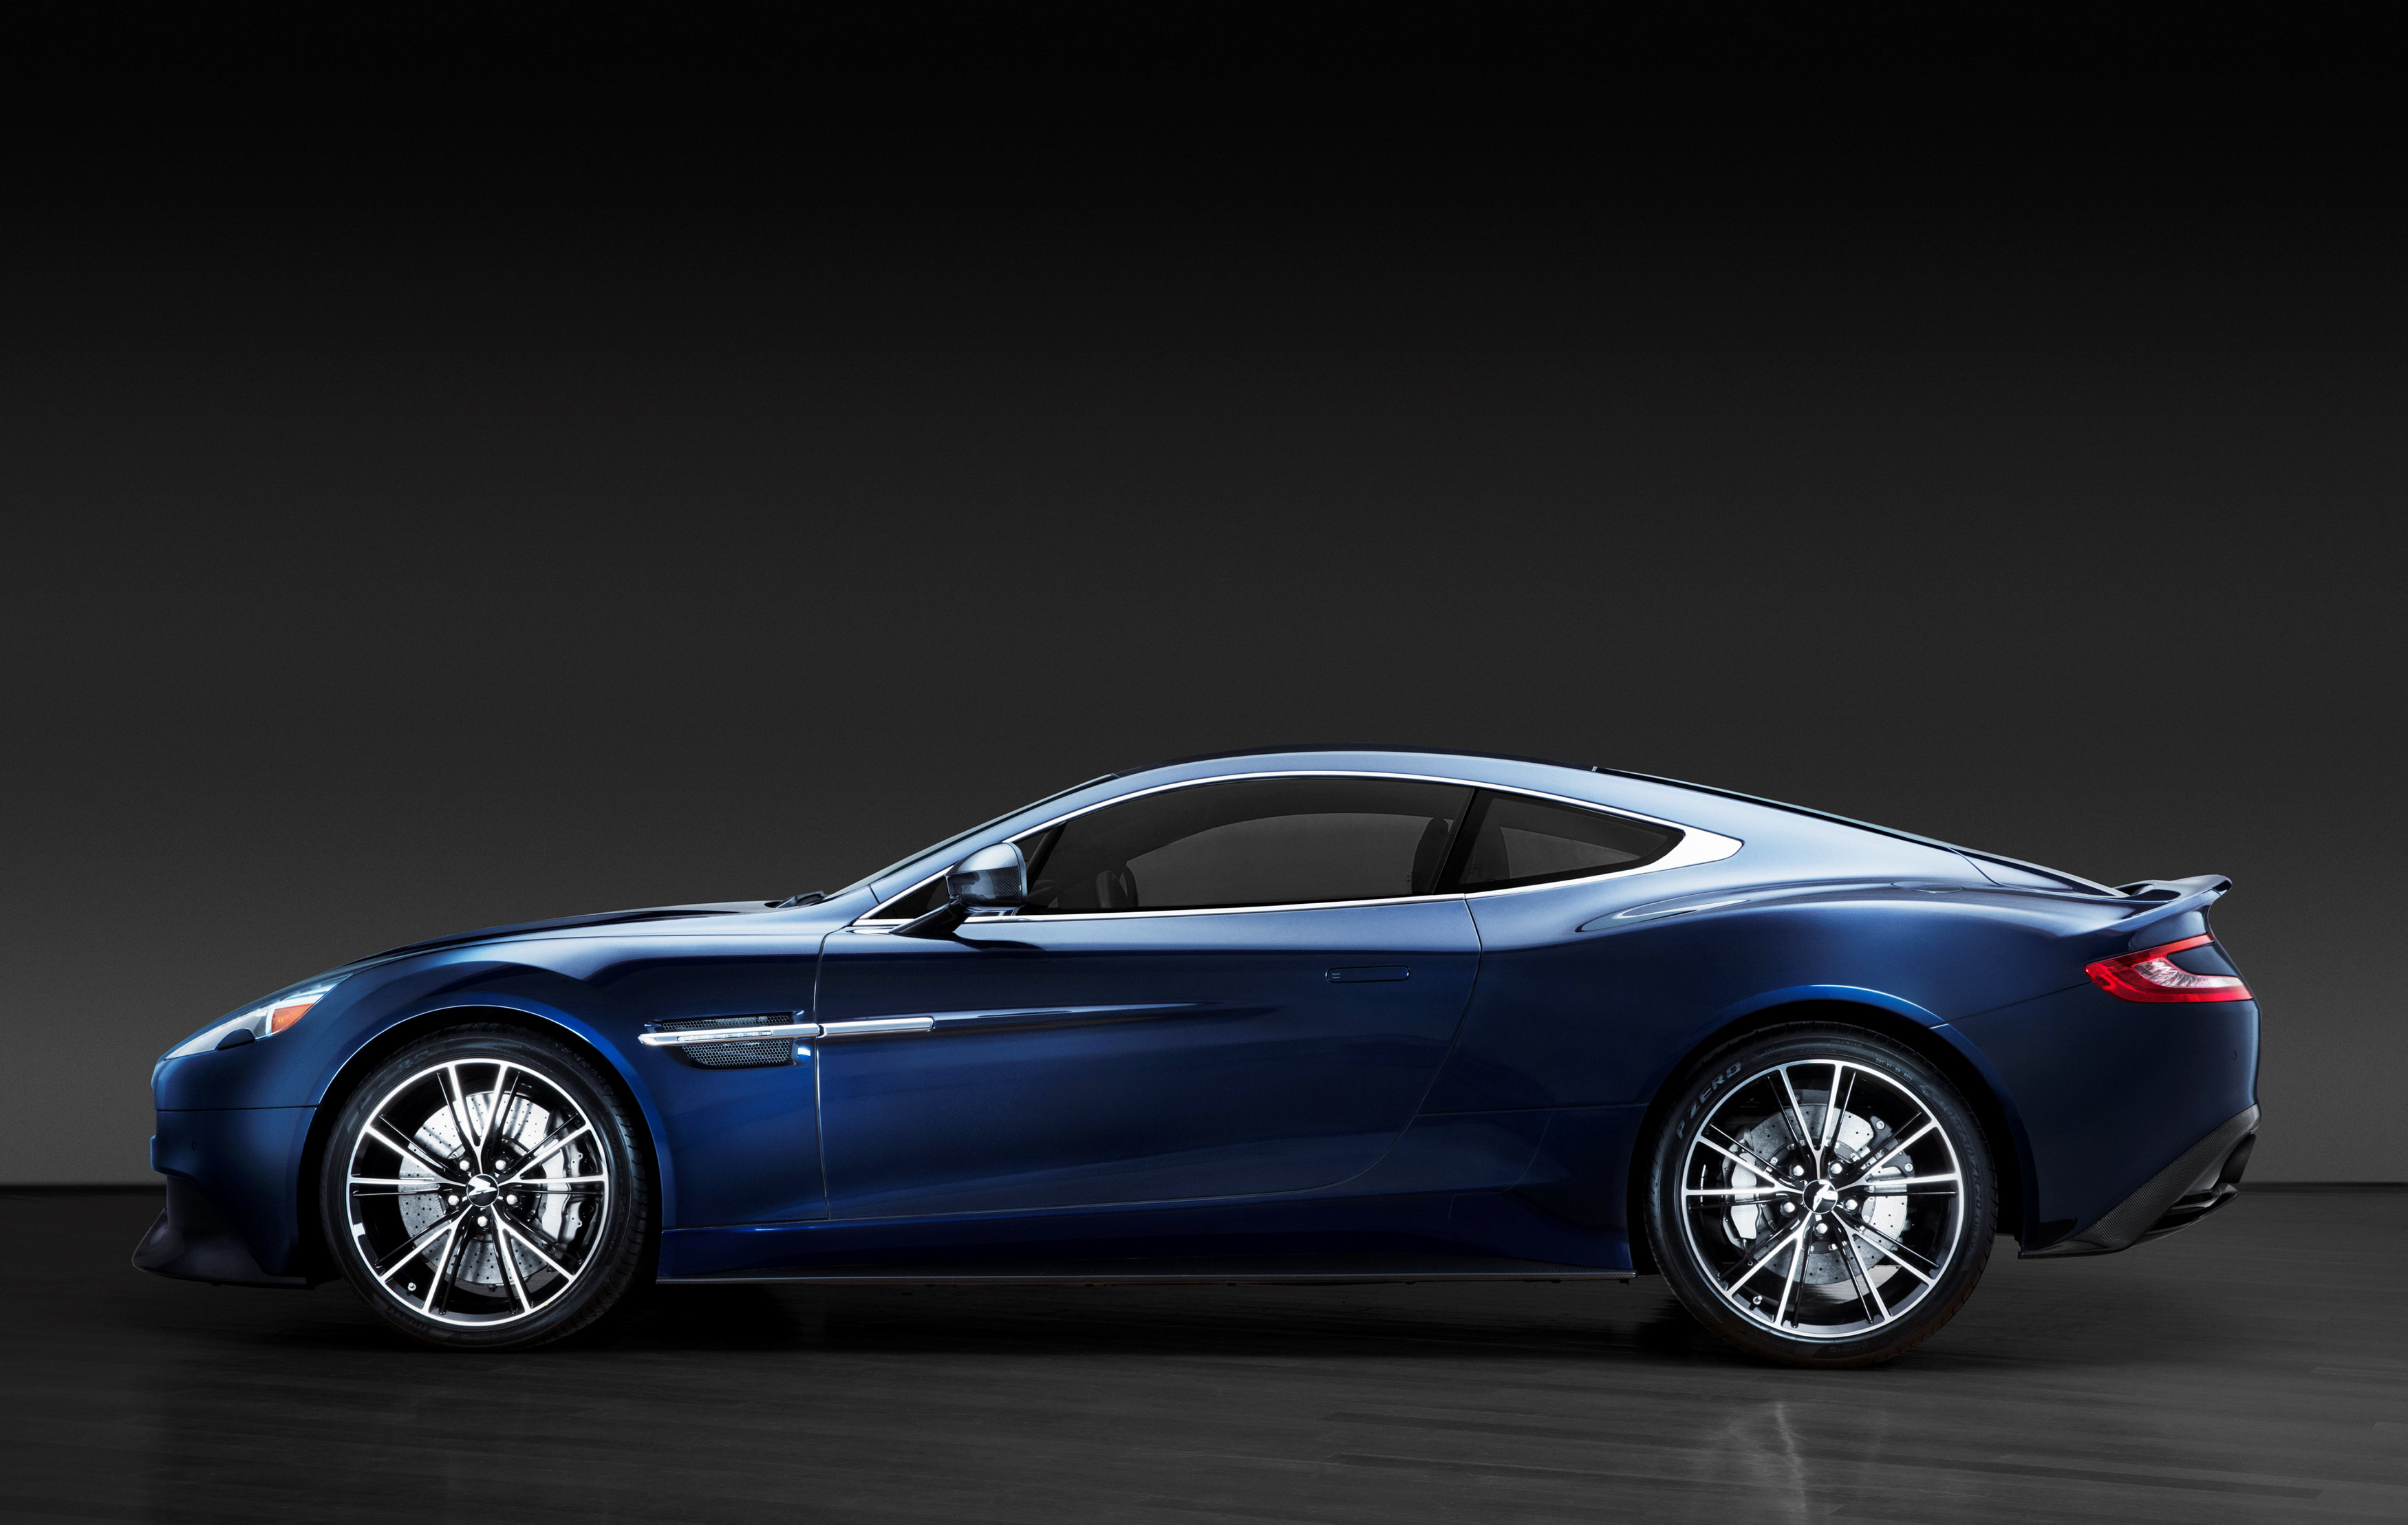 Daniel Craig puts his Bond car up for auction